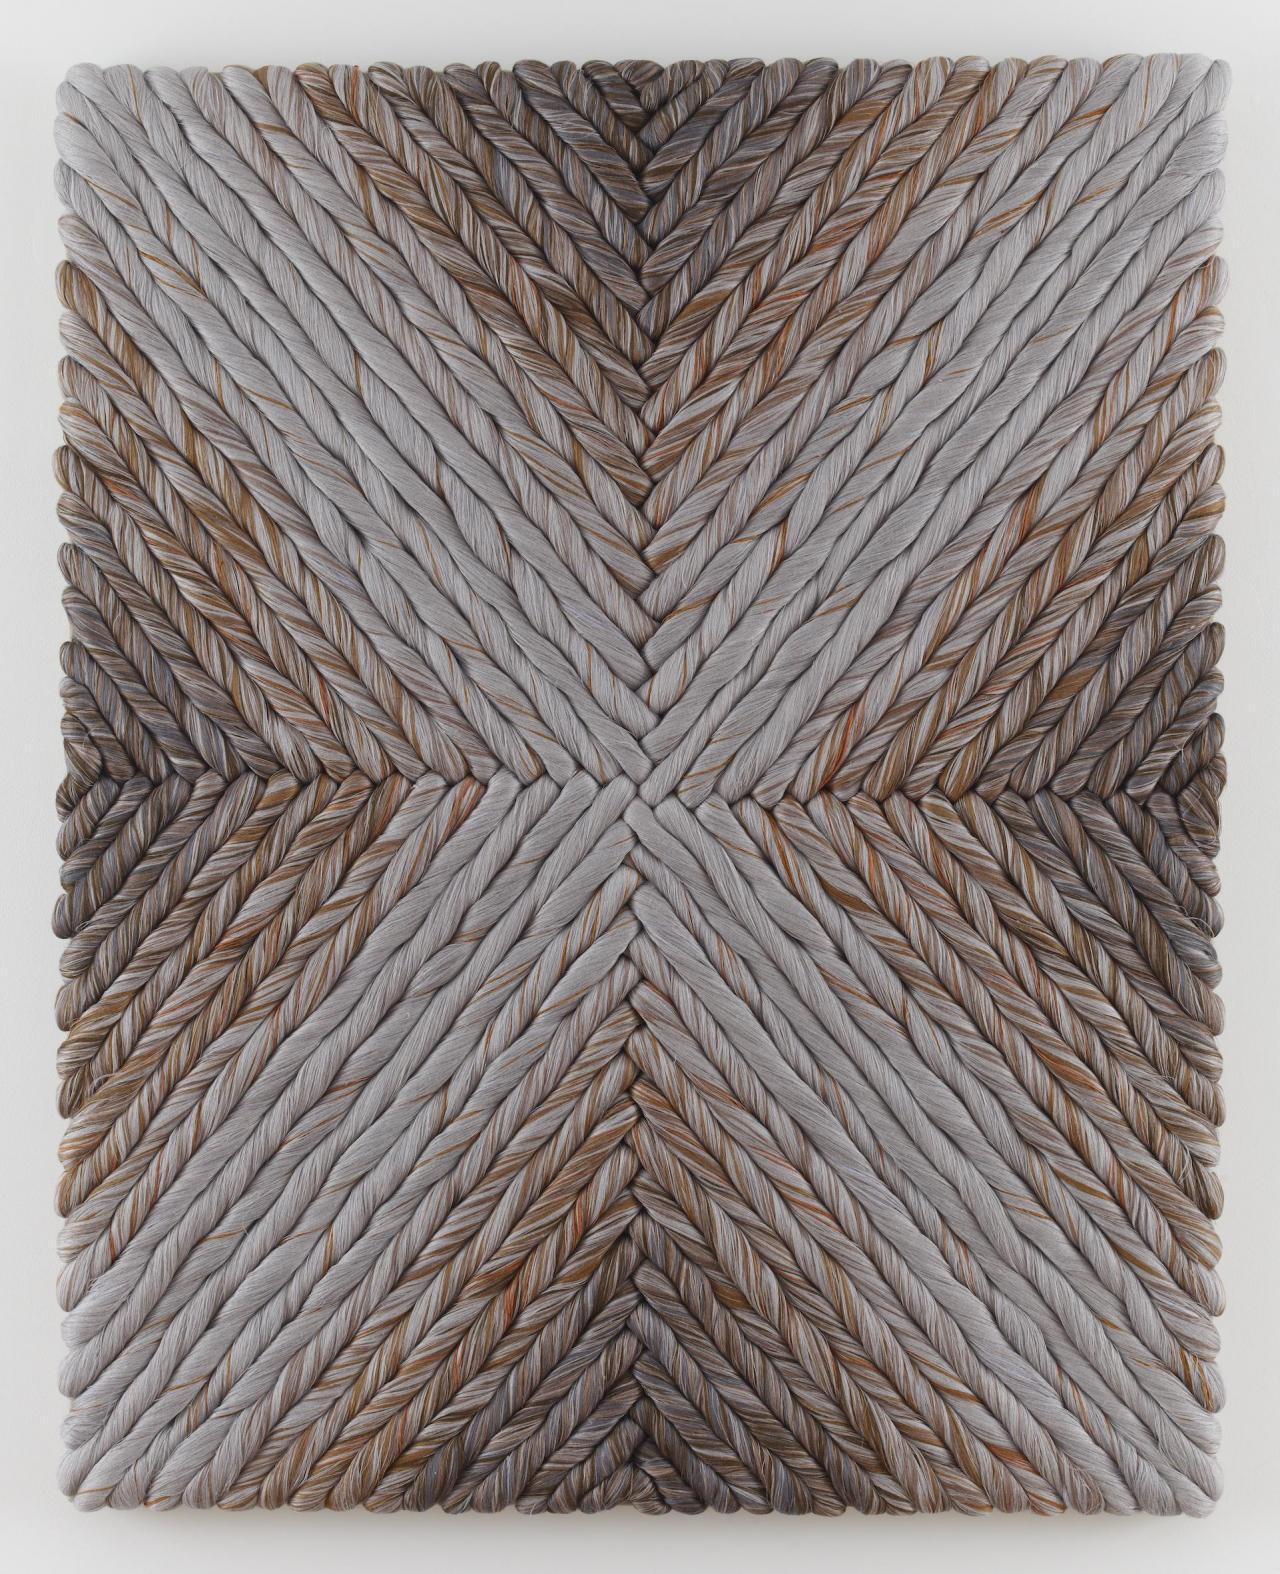 Convergence (Vermala) | Sheila Hicks: Hilos libres. El textil y sus raíces prehispánicas, 1954-2017 | Museo Amparo, Puebla